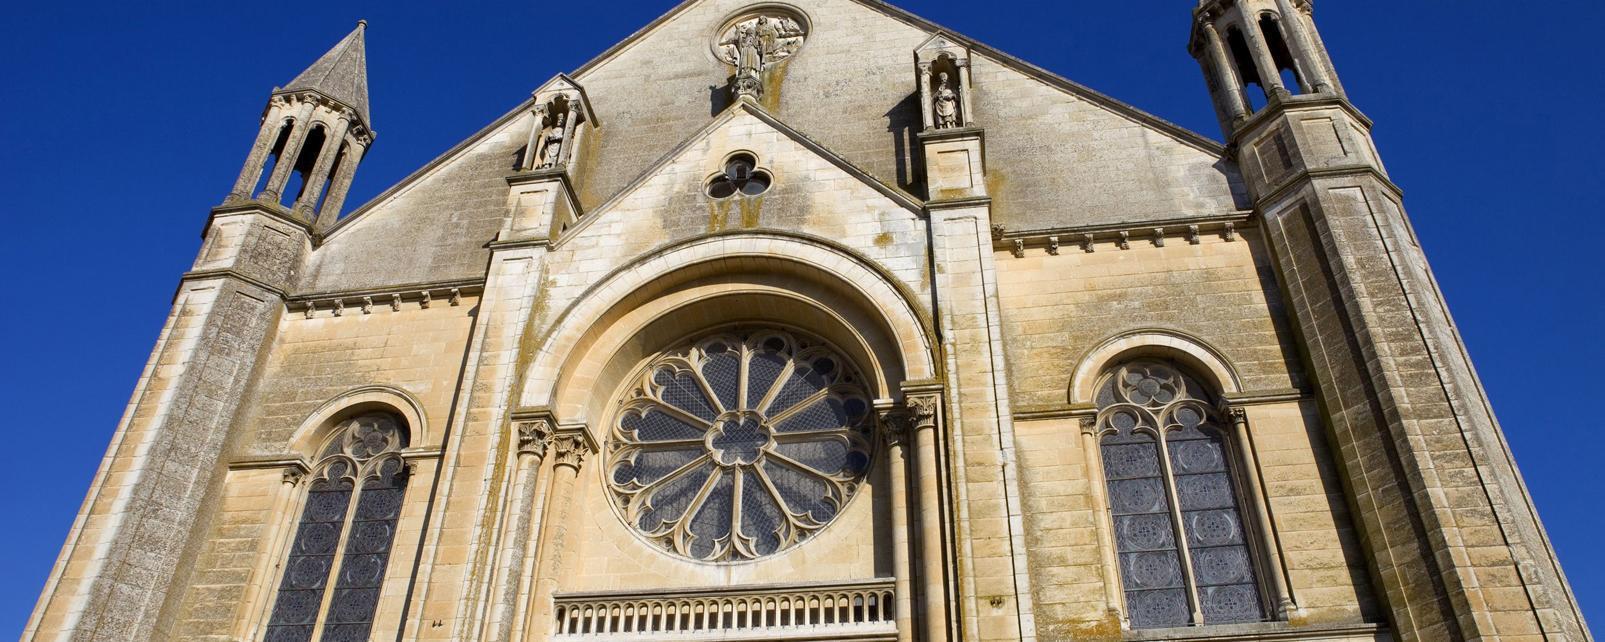 Europe; France; Poitou-Charentes; Niort;